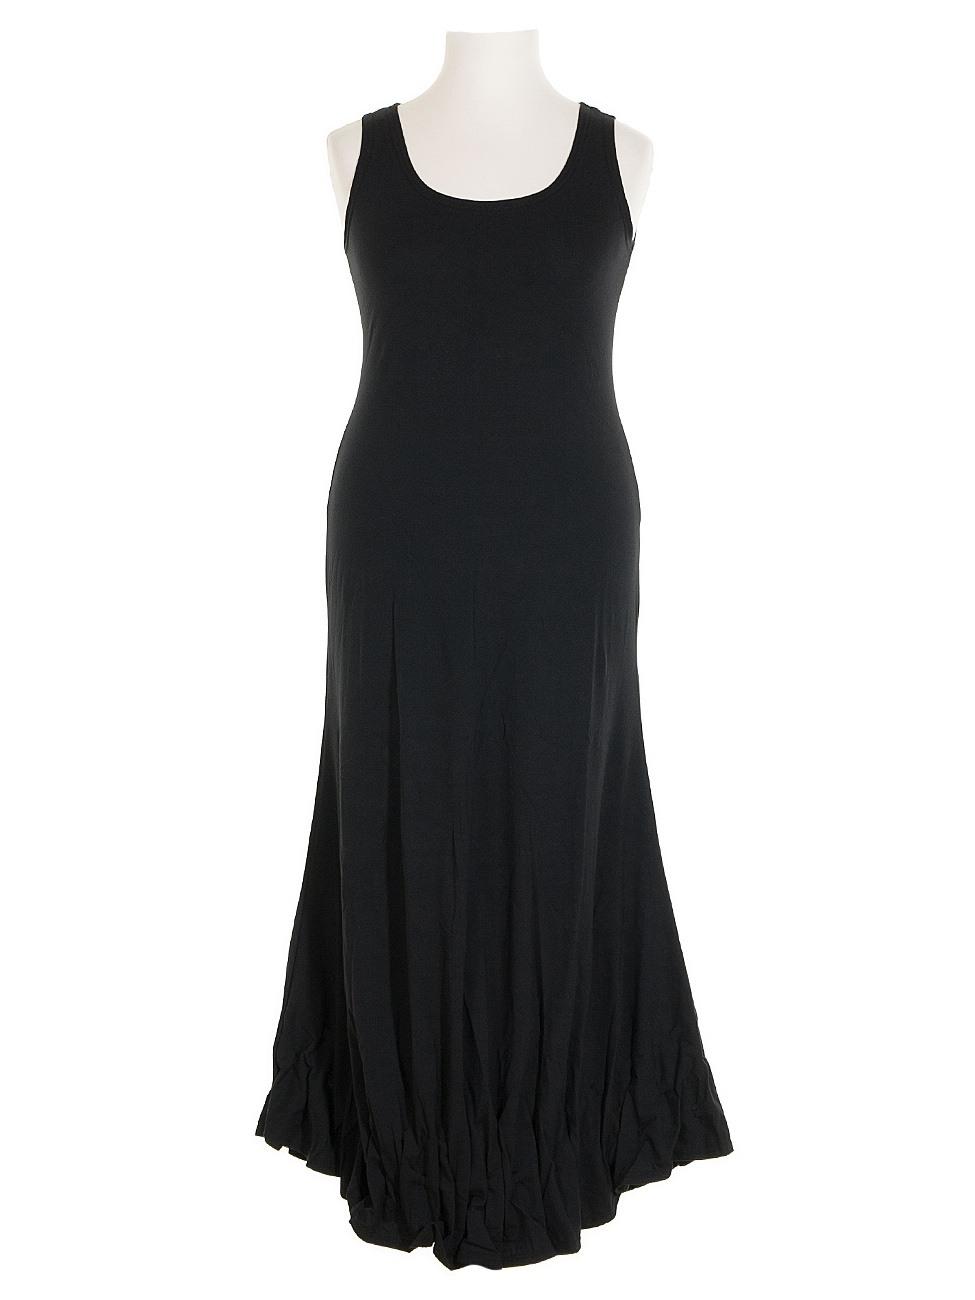 Abend Coolste Kleid Schwarz Lang SpezialgebietDesigner Schön Kleid Schwarz Lang Vertrieb